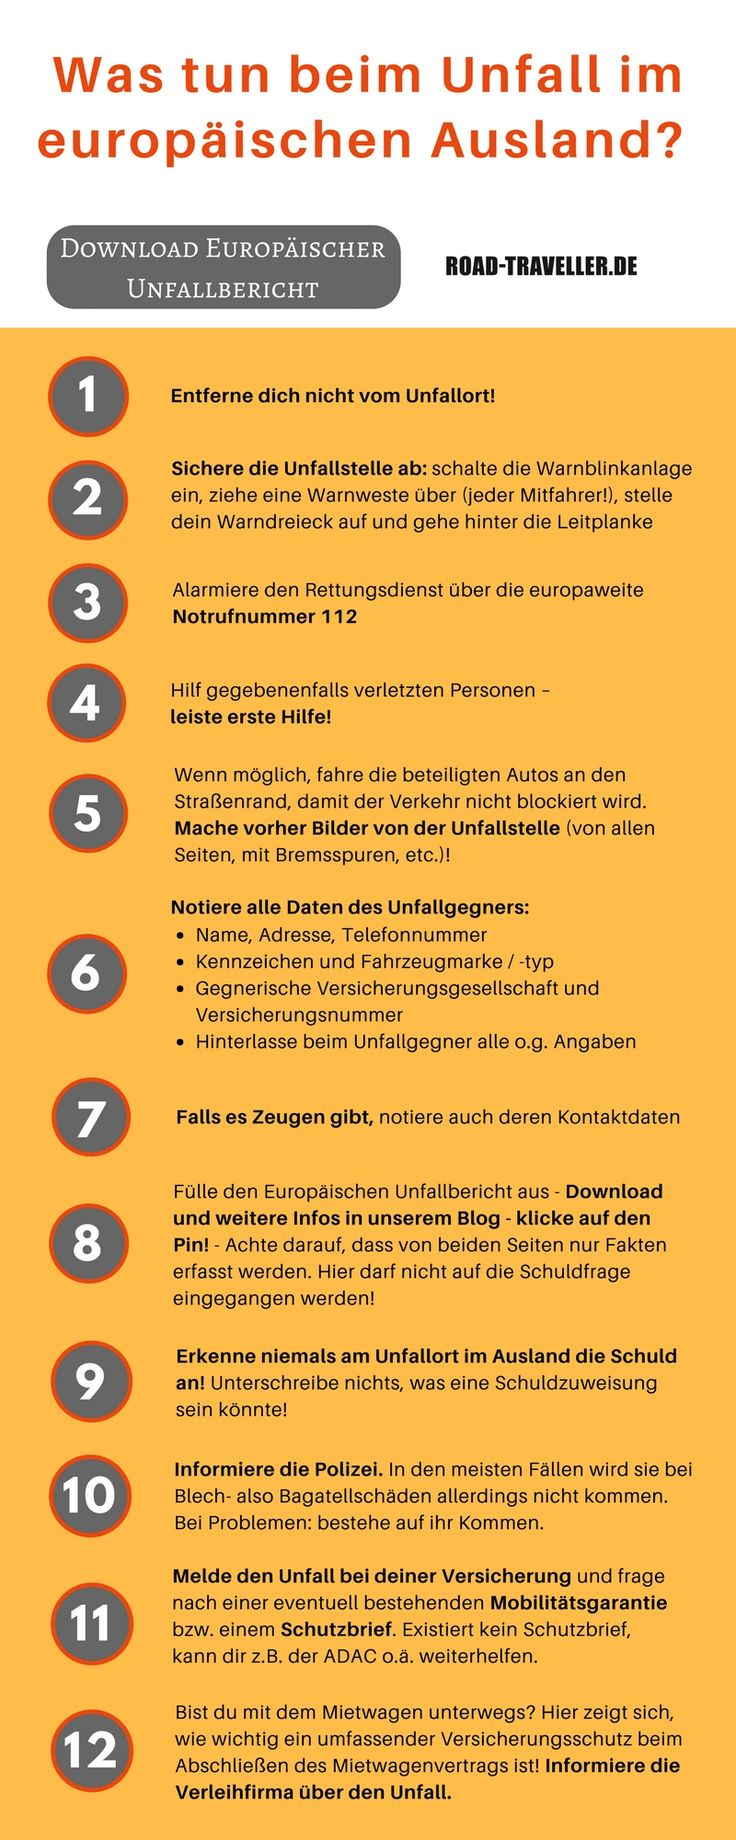 An einen Auto-Unfall auf Reisen möchte man nicht denken. Aber was tun, wenn´s passiert ist? Unsere Infografik fasst alle Punkte als Checkliste zusammen. Den Europäischen Unfallbericht kannst du auf unserem Blog downloaden! Einfach auf den Pin klicken! Gute Fahrt!